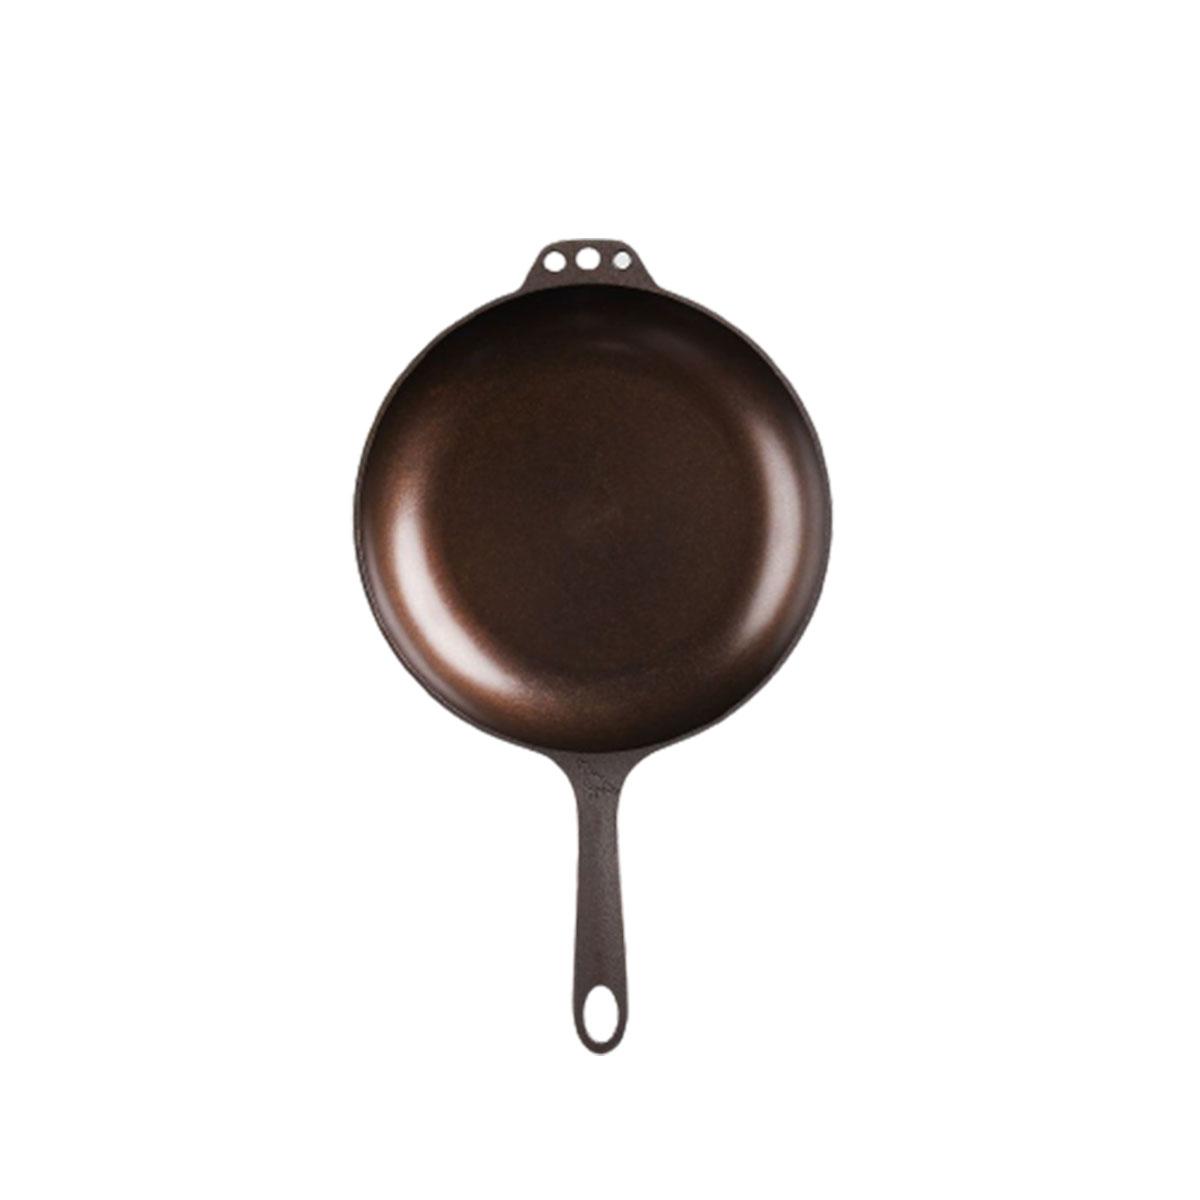 Smithy pan